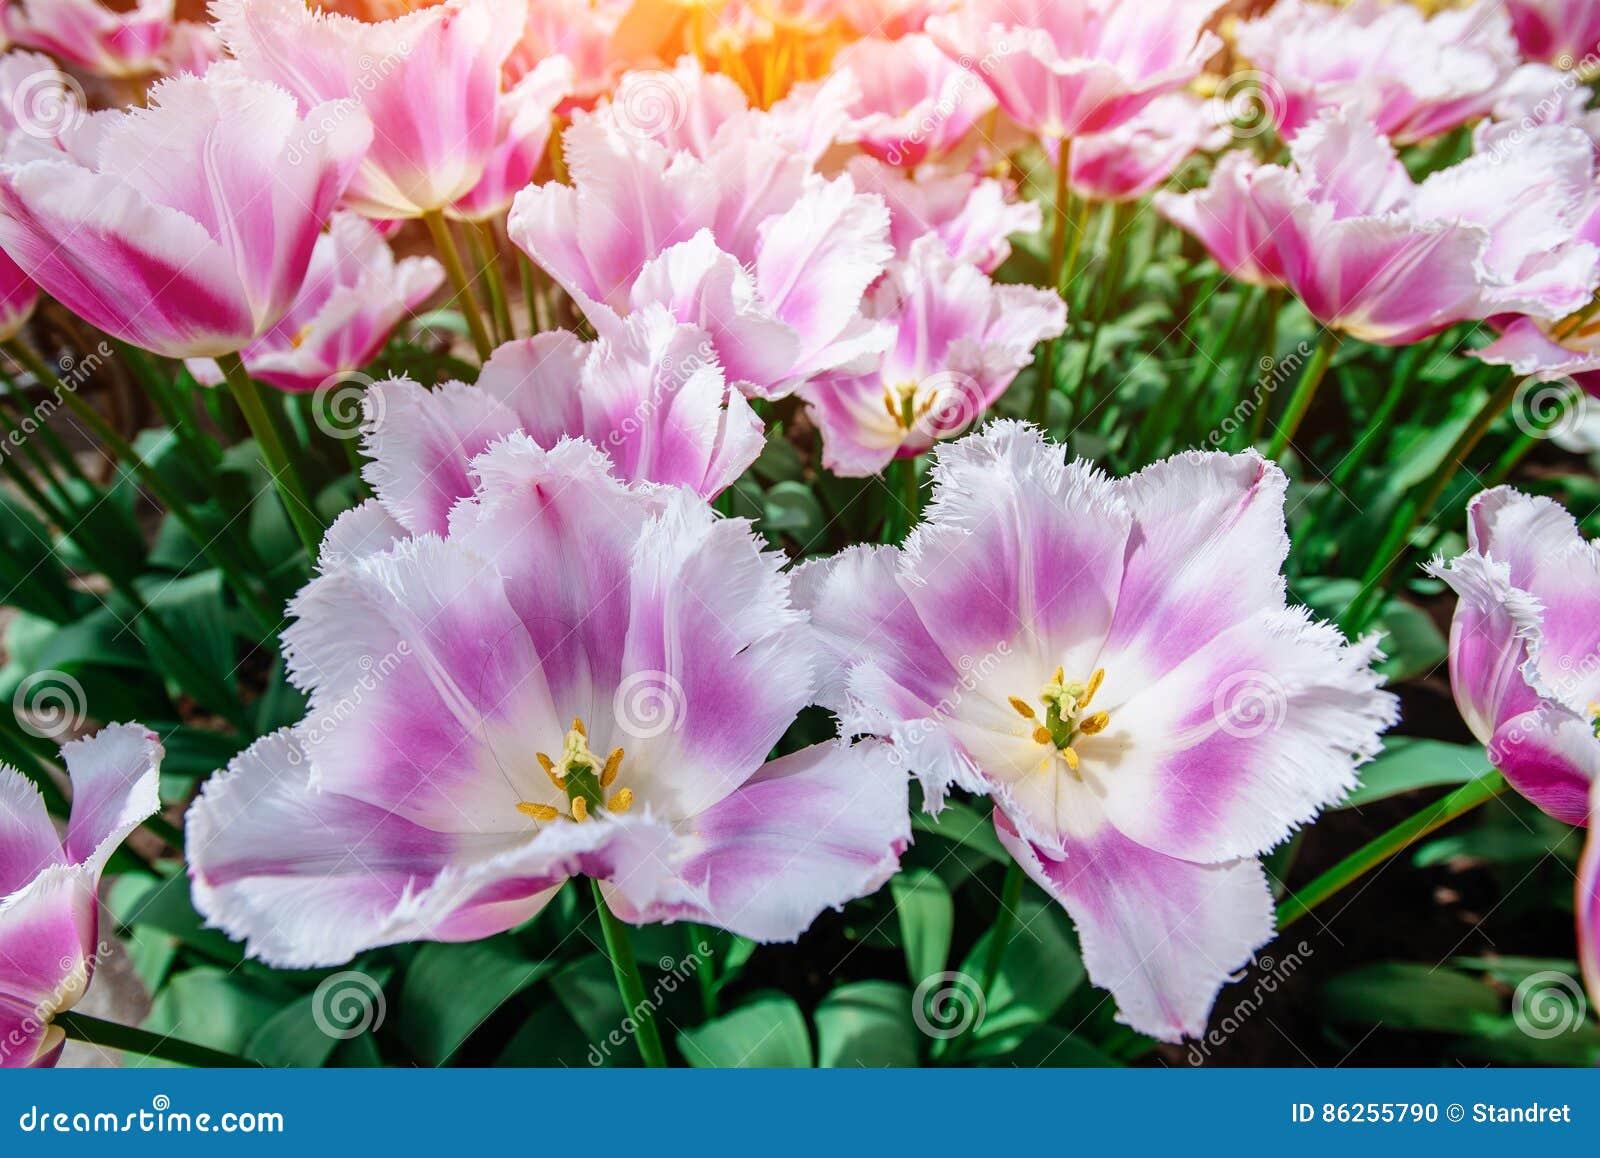 Fiori Meravigliosi.Fiori Meravigliosi Del Tulipano Nel Parco Di Keukenhof Fotografia